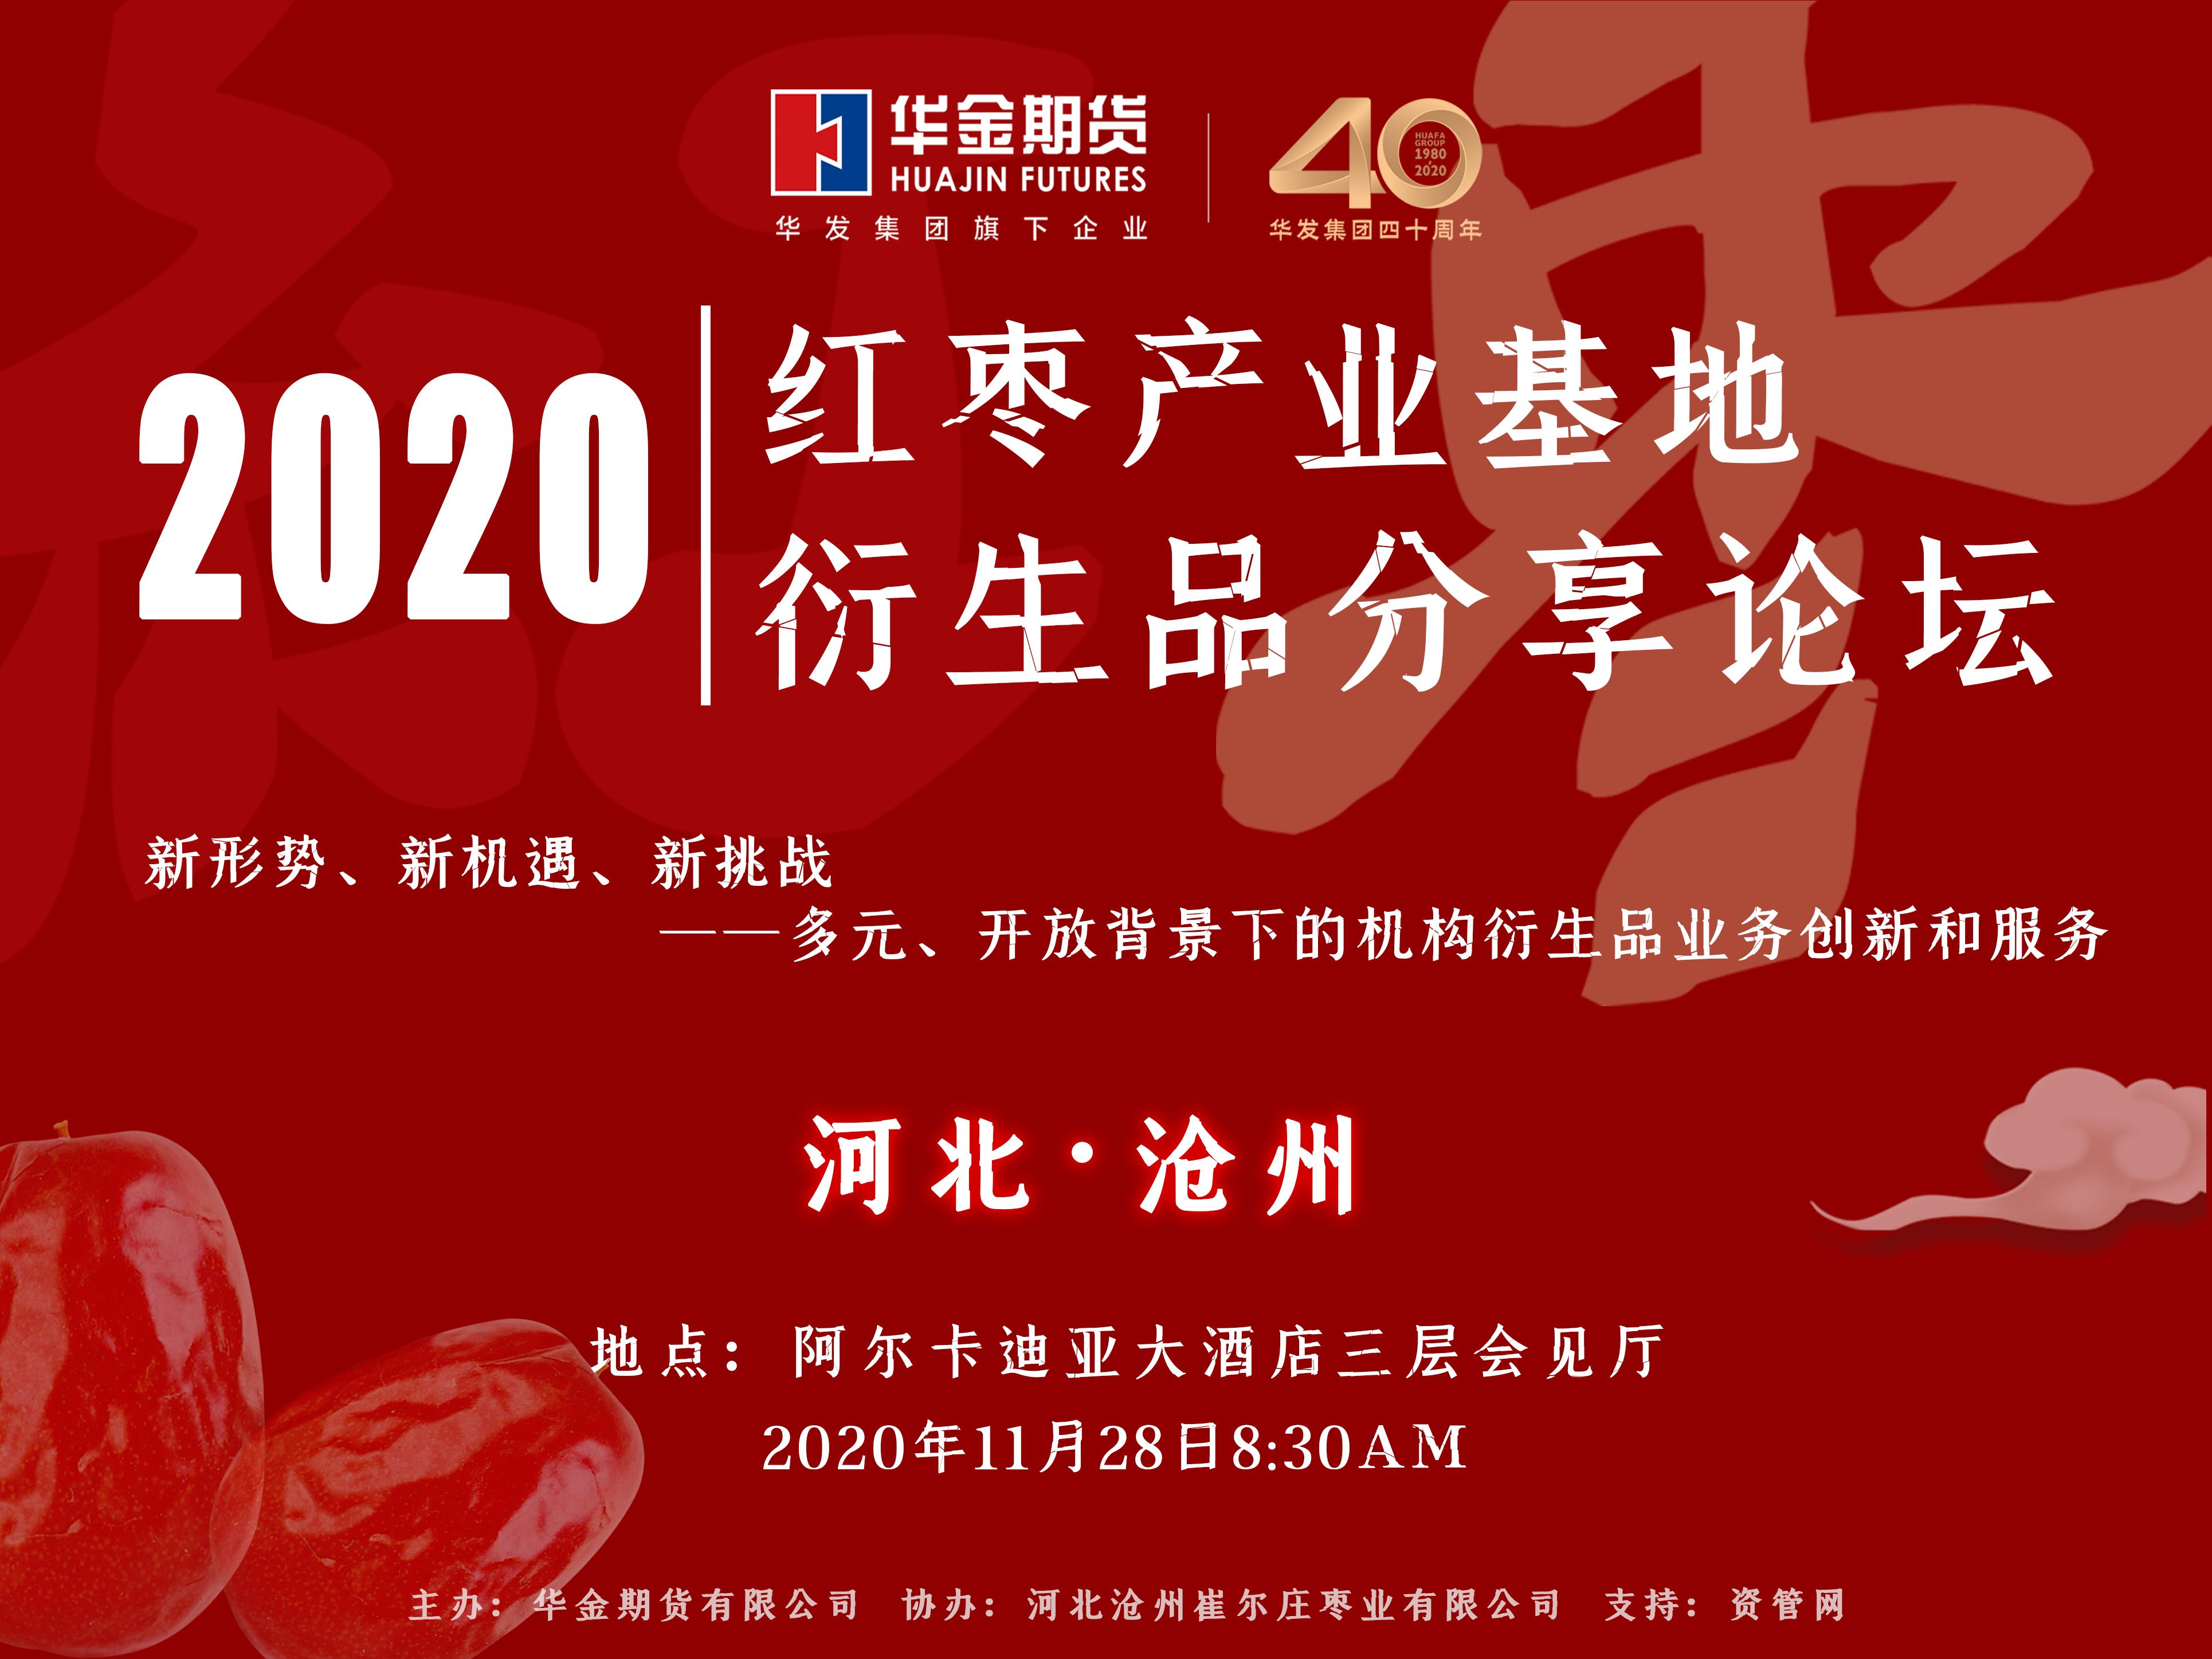 2020红枣产业基地--衍生品分享论坛